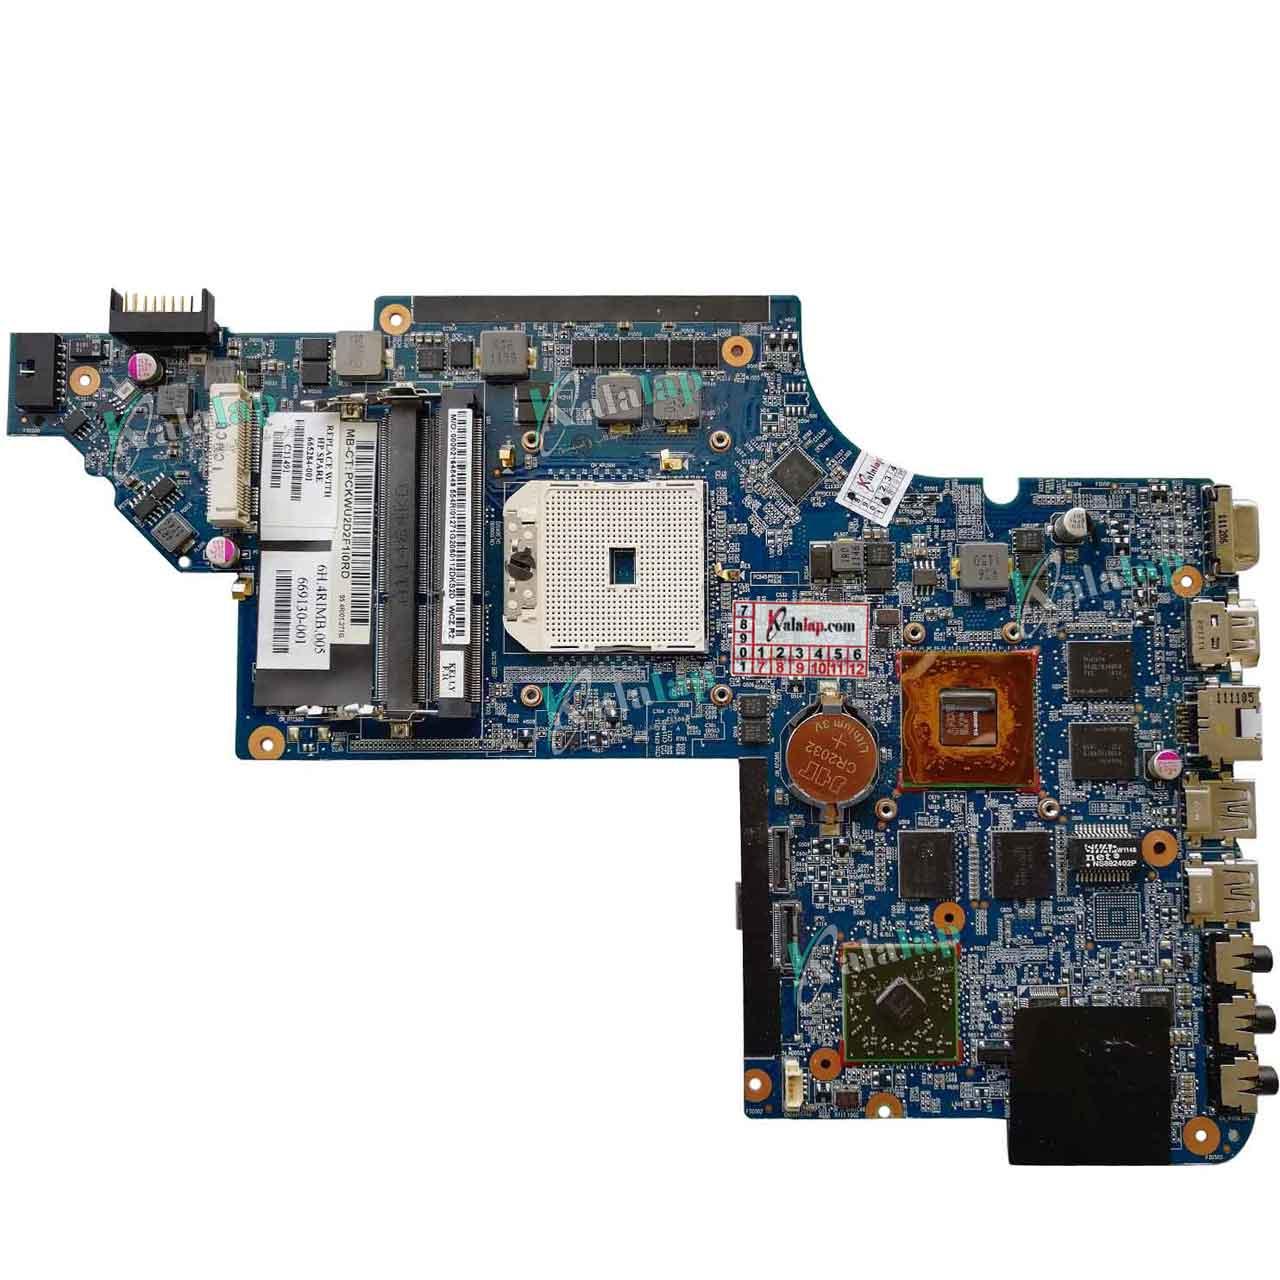 مادربرد لپ تاپ اچ پی MainBoard Laptop HP DV6-6000 AMD